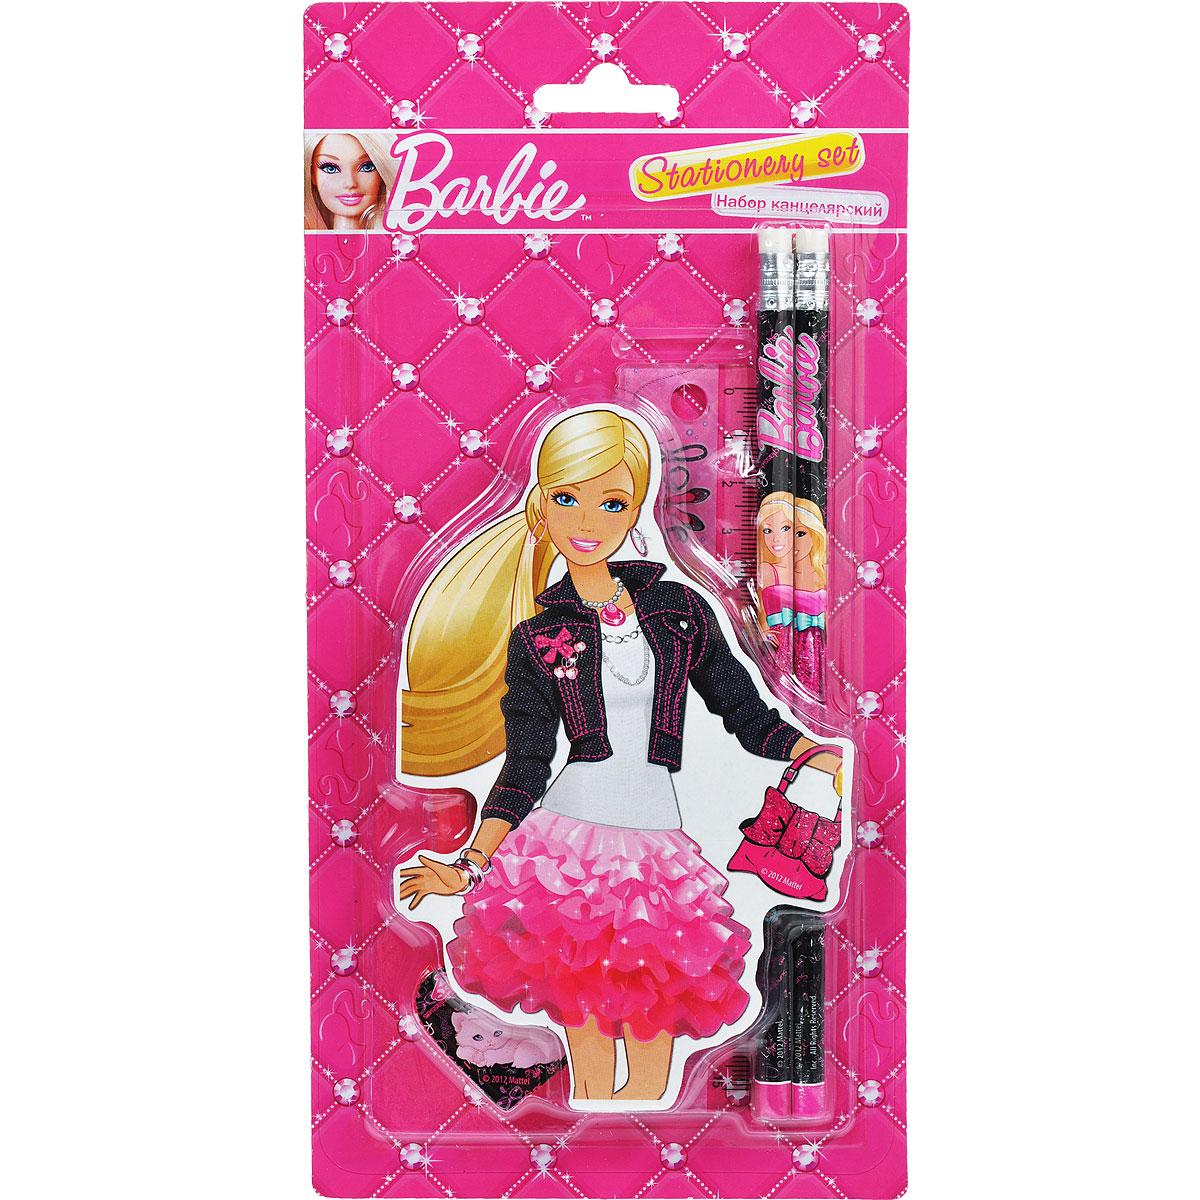 Канцелярский набор Barbie, 5 предметов72523WDКанцелярский набор Barbie станет незаменимым атрибутом в учебе любой школьницы.Он включает в себя ластик в форме губной помады, 2 чернографитных карандаша с ластиком, точилку в форме сердца и линейку 15 см.